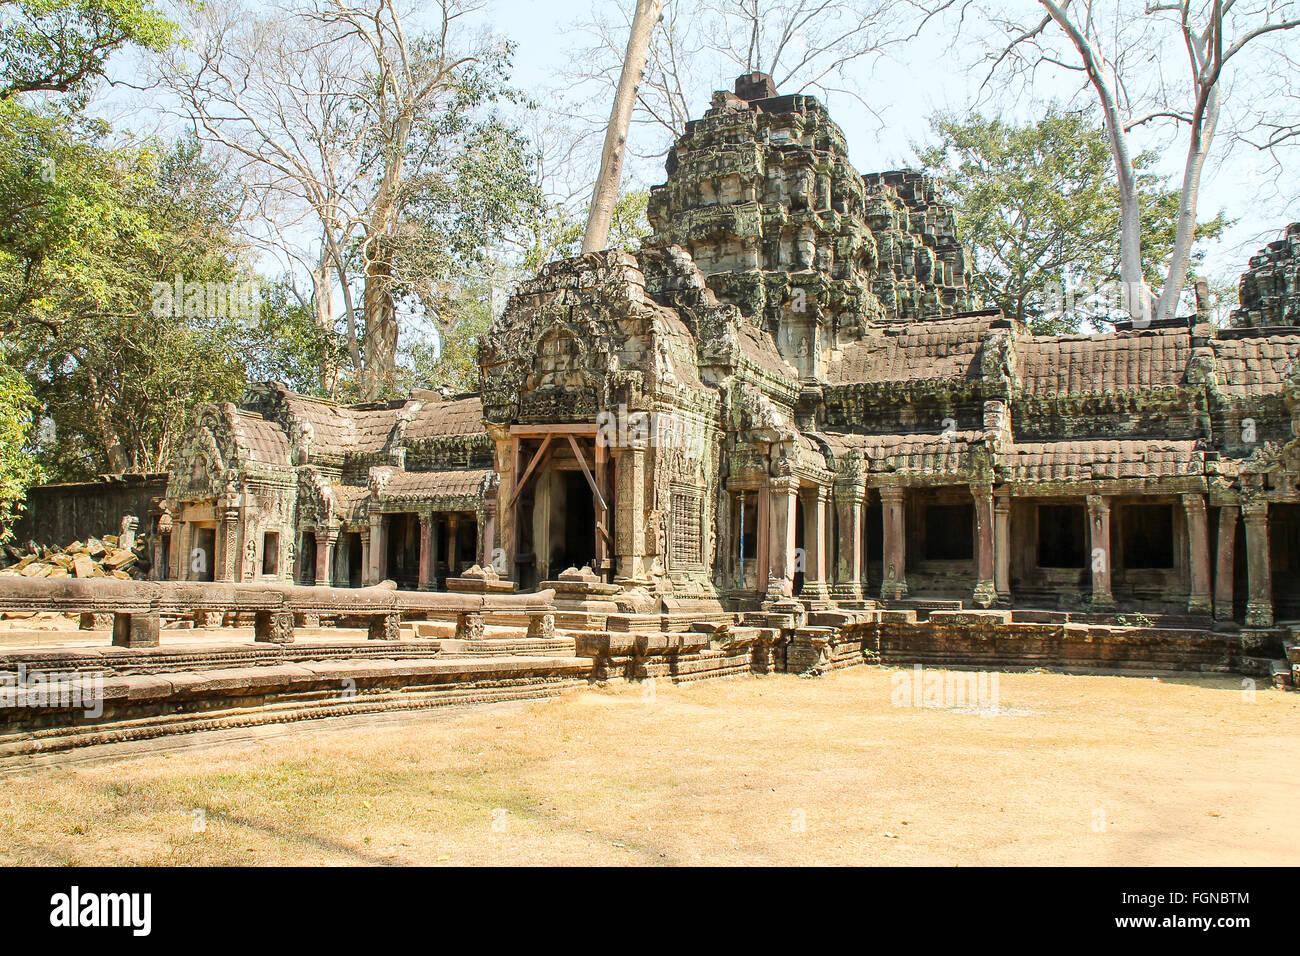 Panorama delle strutture sovradimensionate con alberi provenienti attraverso la costruzione a Angkor Wat, Siem Reap Immagini Stock